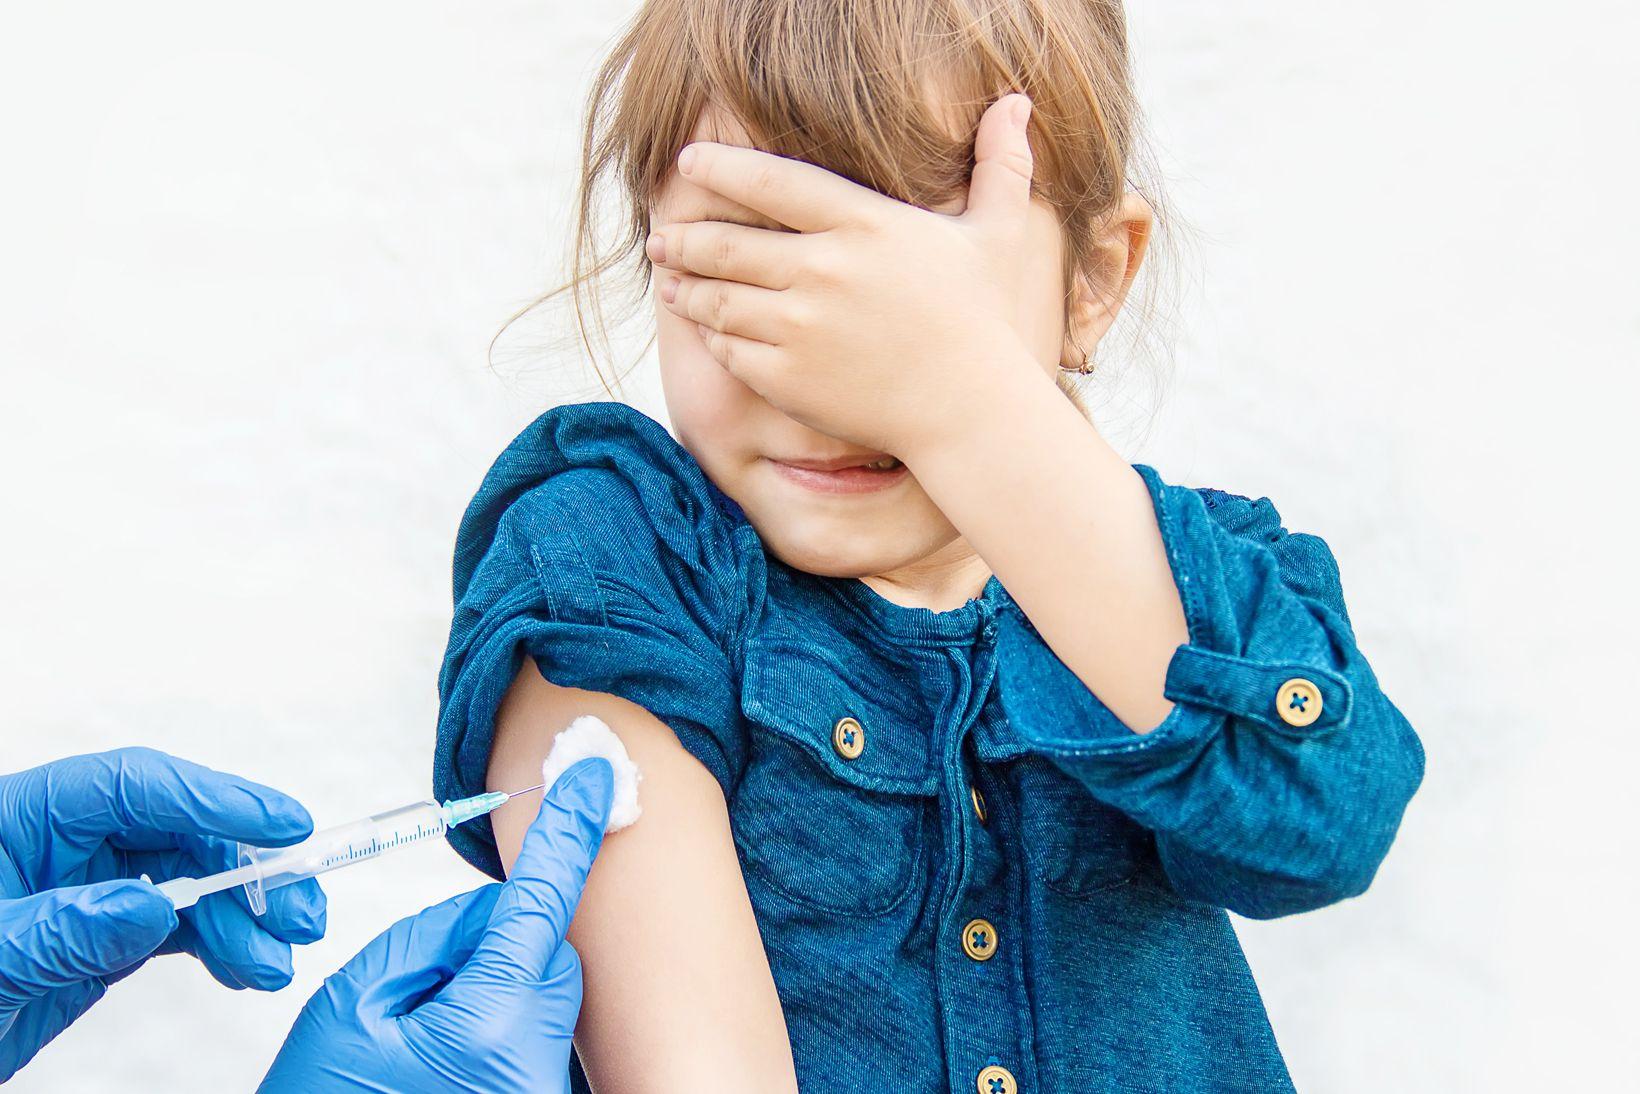 Obbligo vaccinale scuola: subito personale e studenti over 12, poi anche i bambini